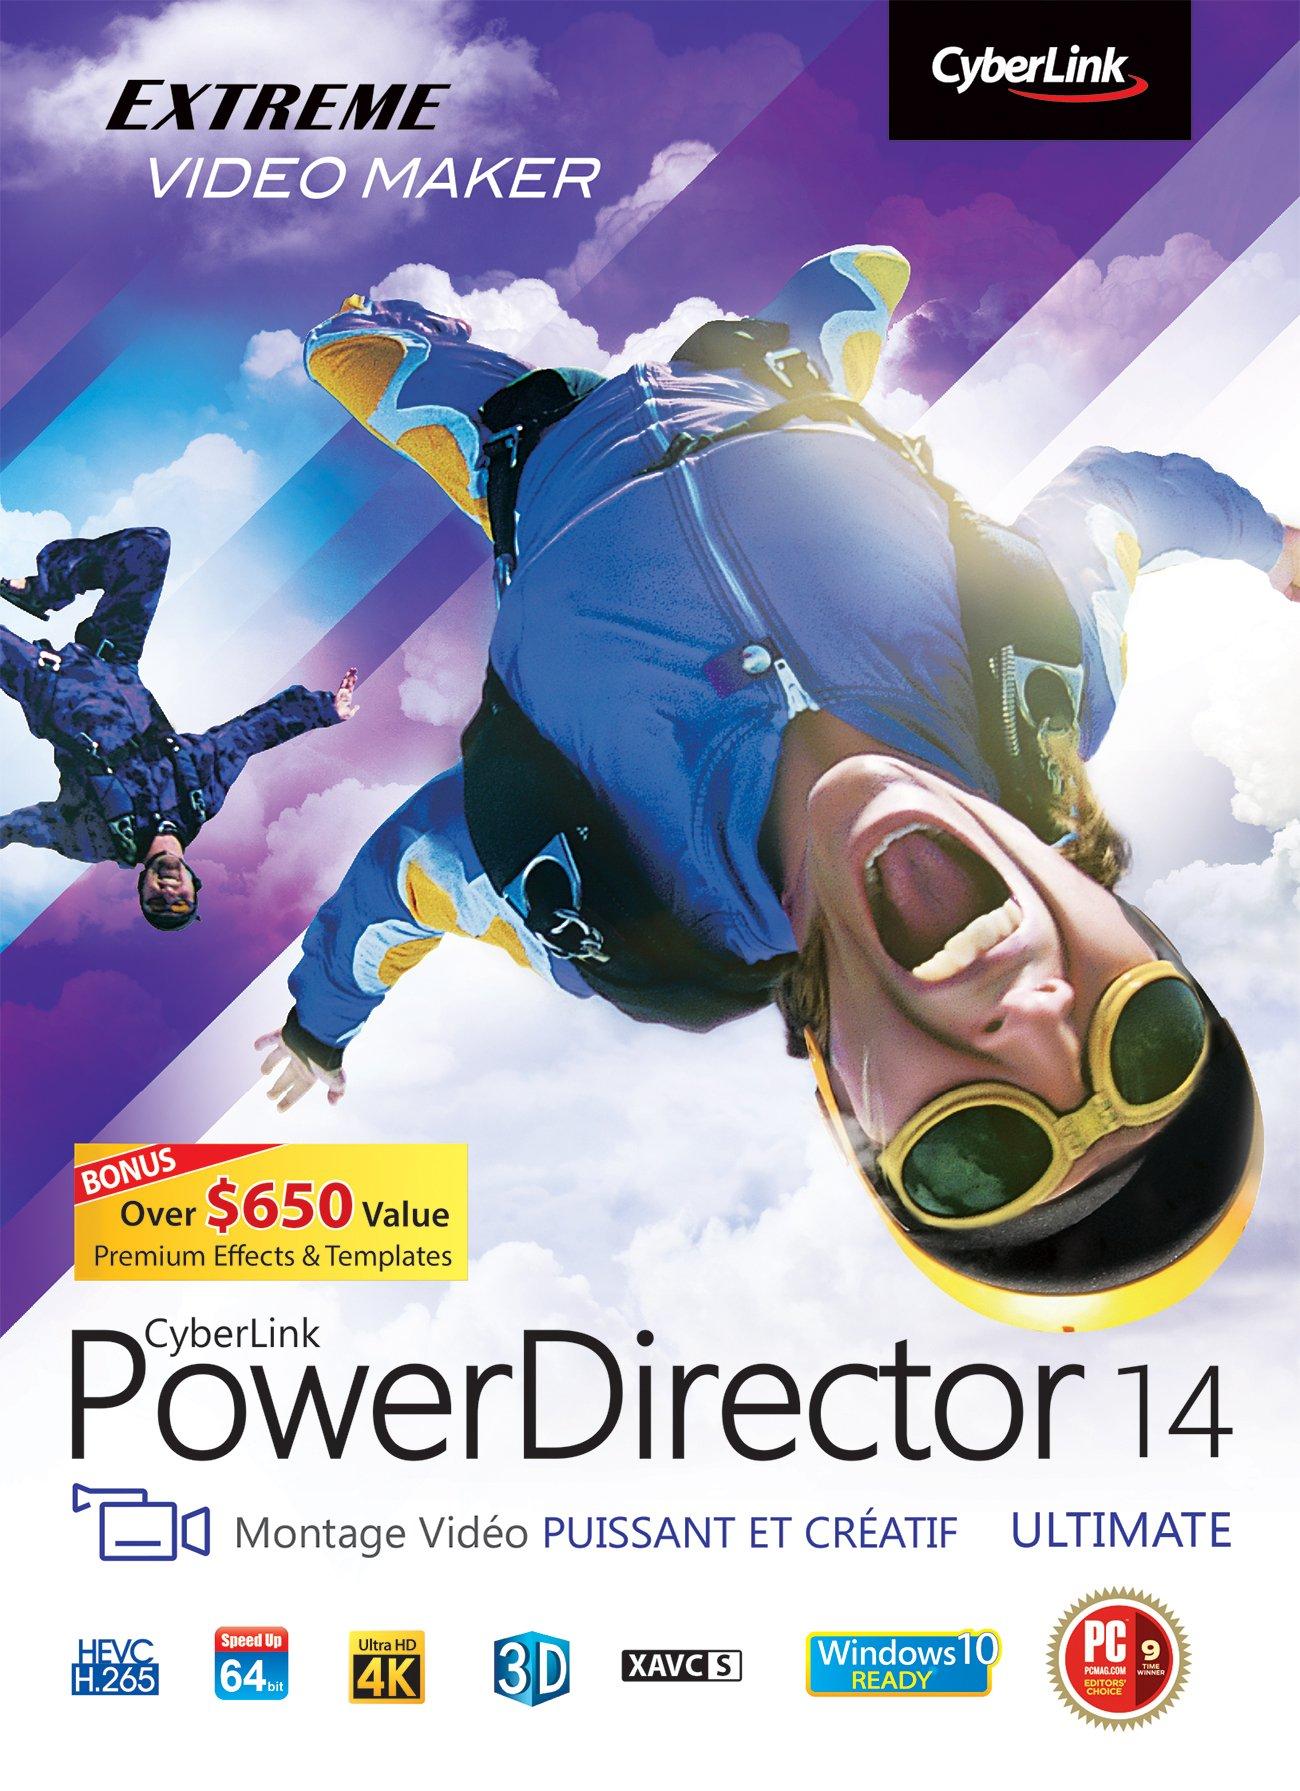 powerdirector-14-ultimate-telechargement